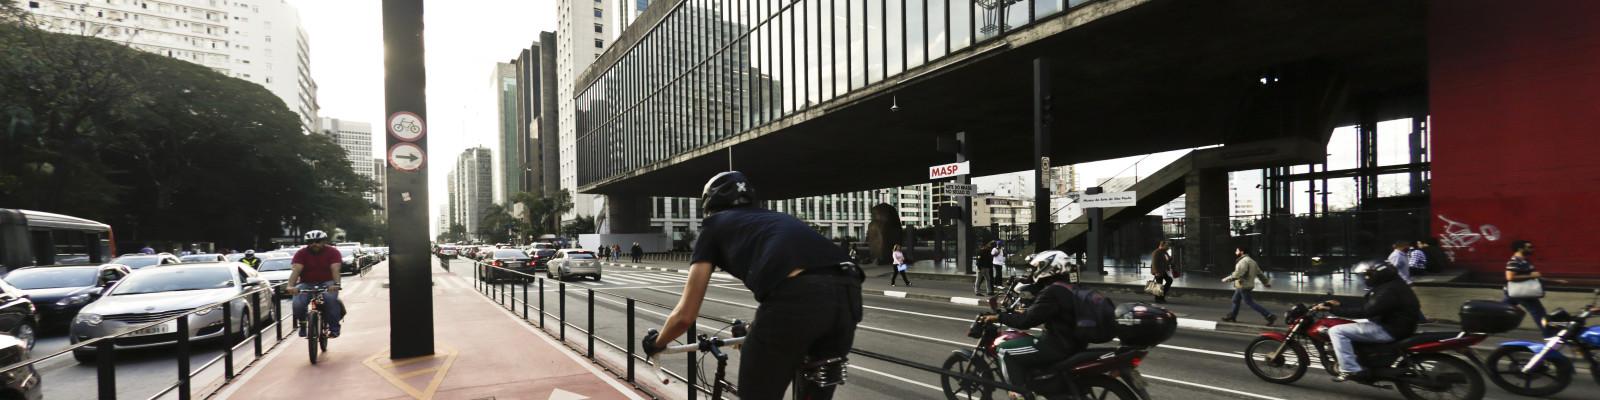 Avenida Paulista – São Paulo (SP) – 29.06.2015 – Geral – Ciclovia da Avenida Paulista. Vista da Avenida Paulista com o funcionamento da ciclovia. Foto: Jose Cordeiro/SPTuris